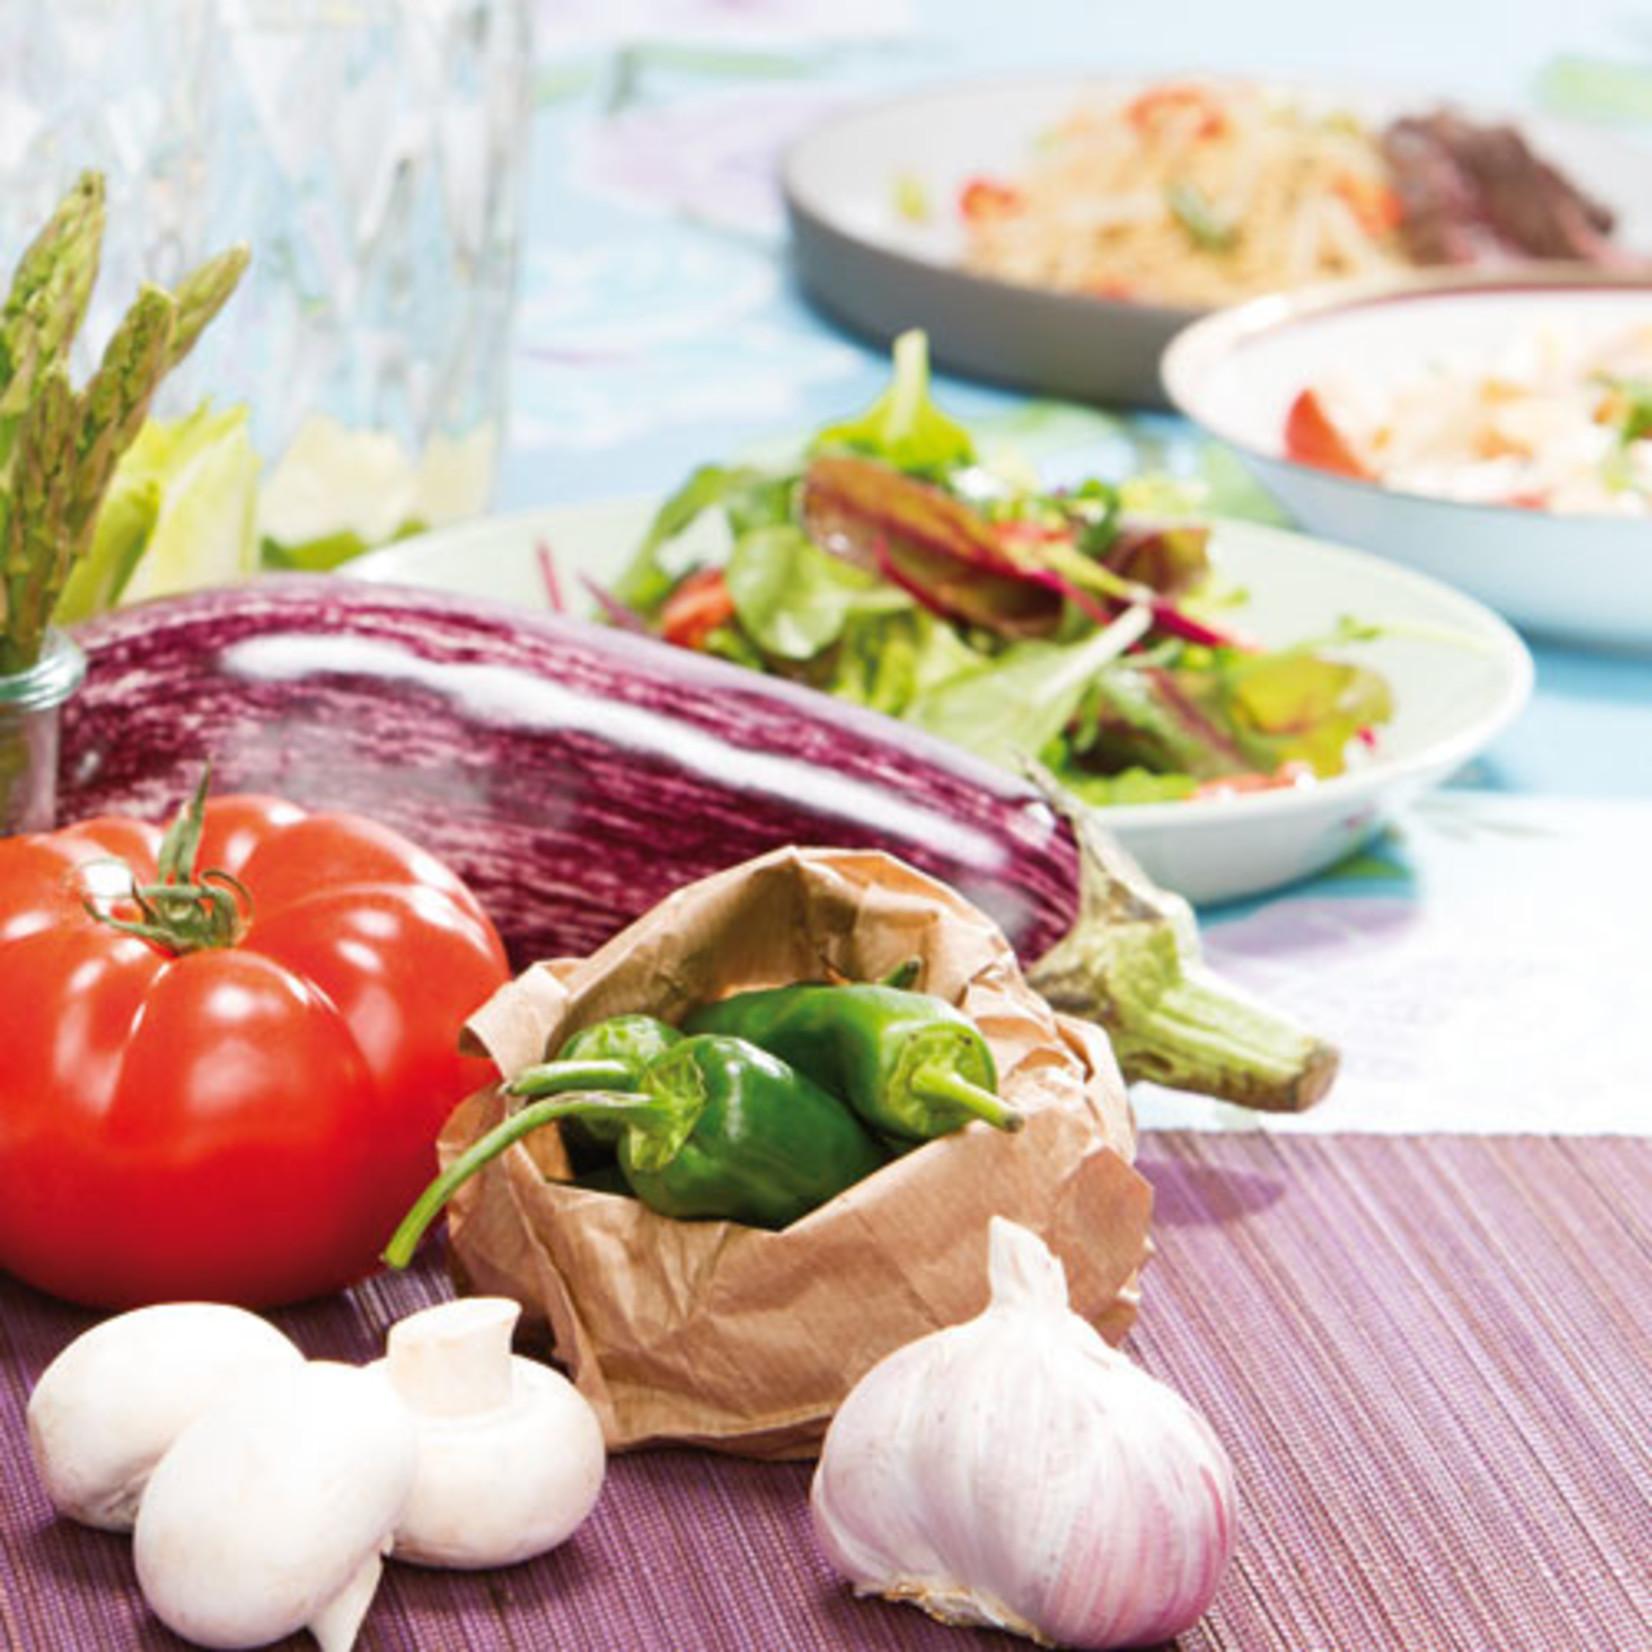 Powerslim PS04015 Variatie maaltijden